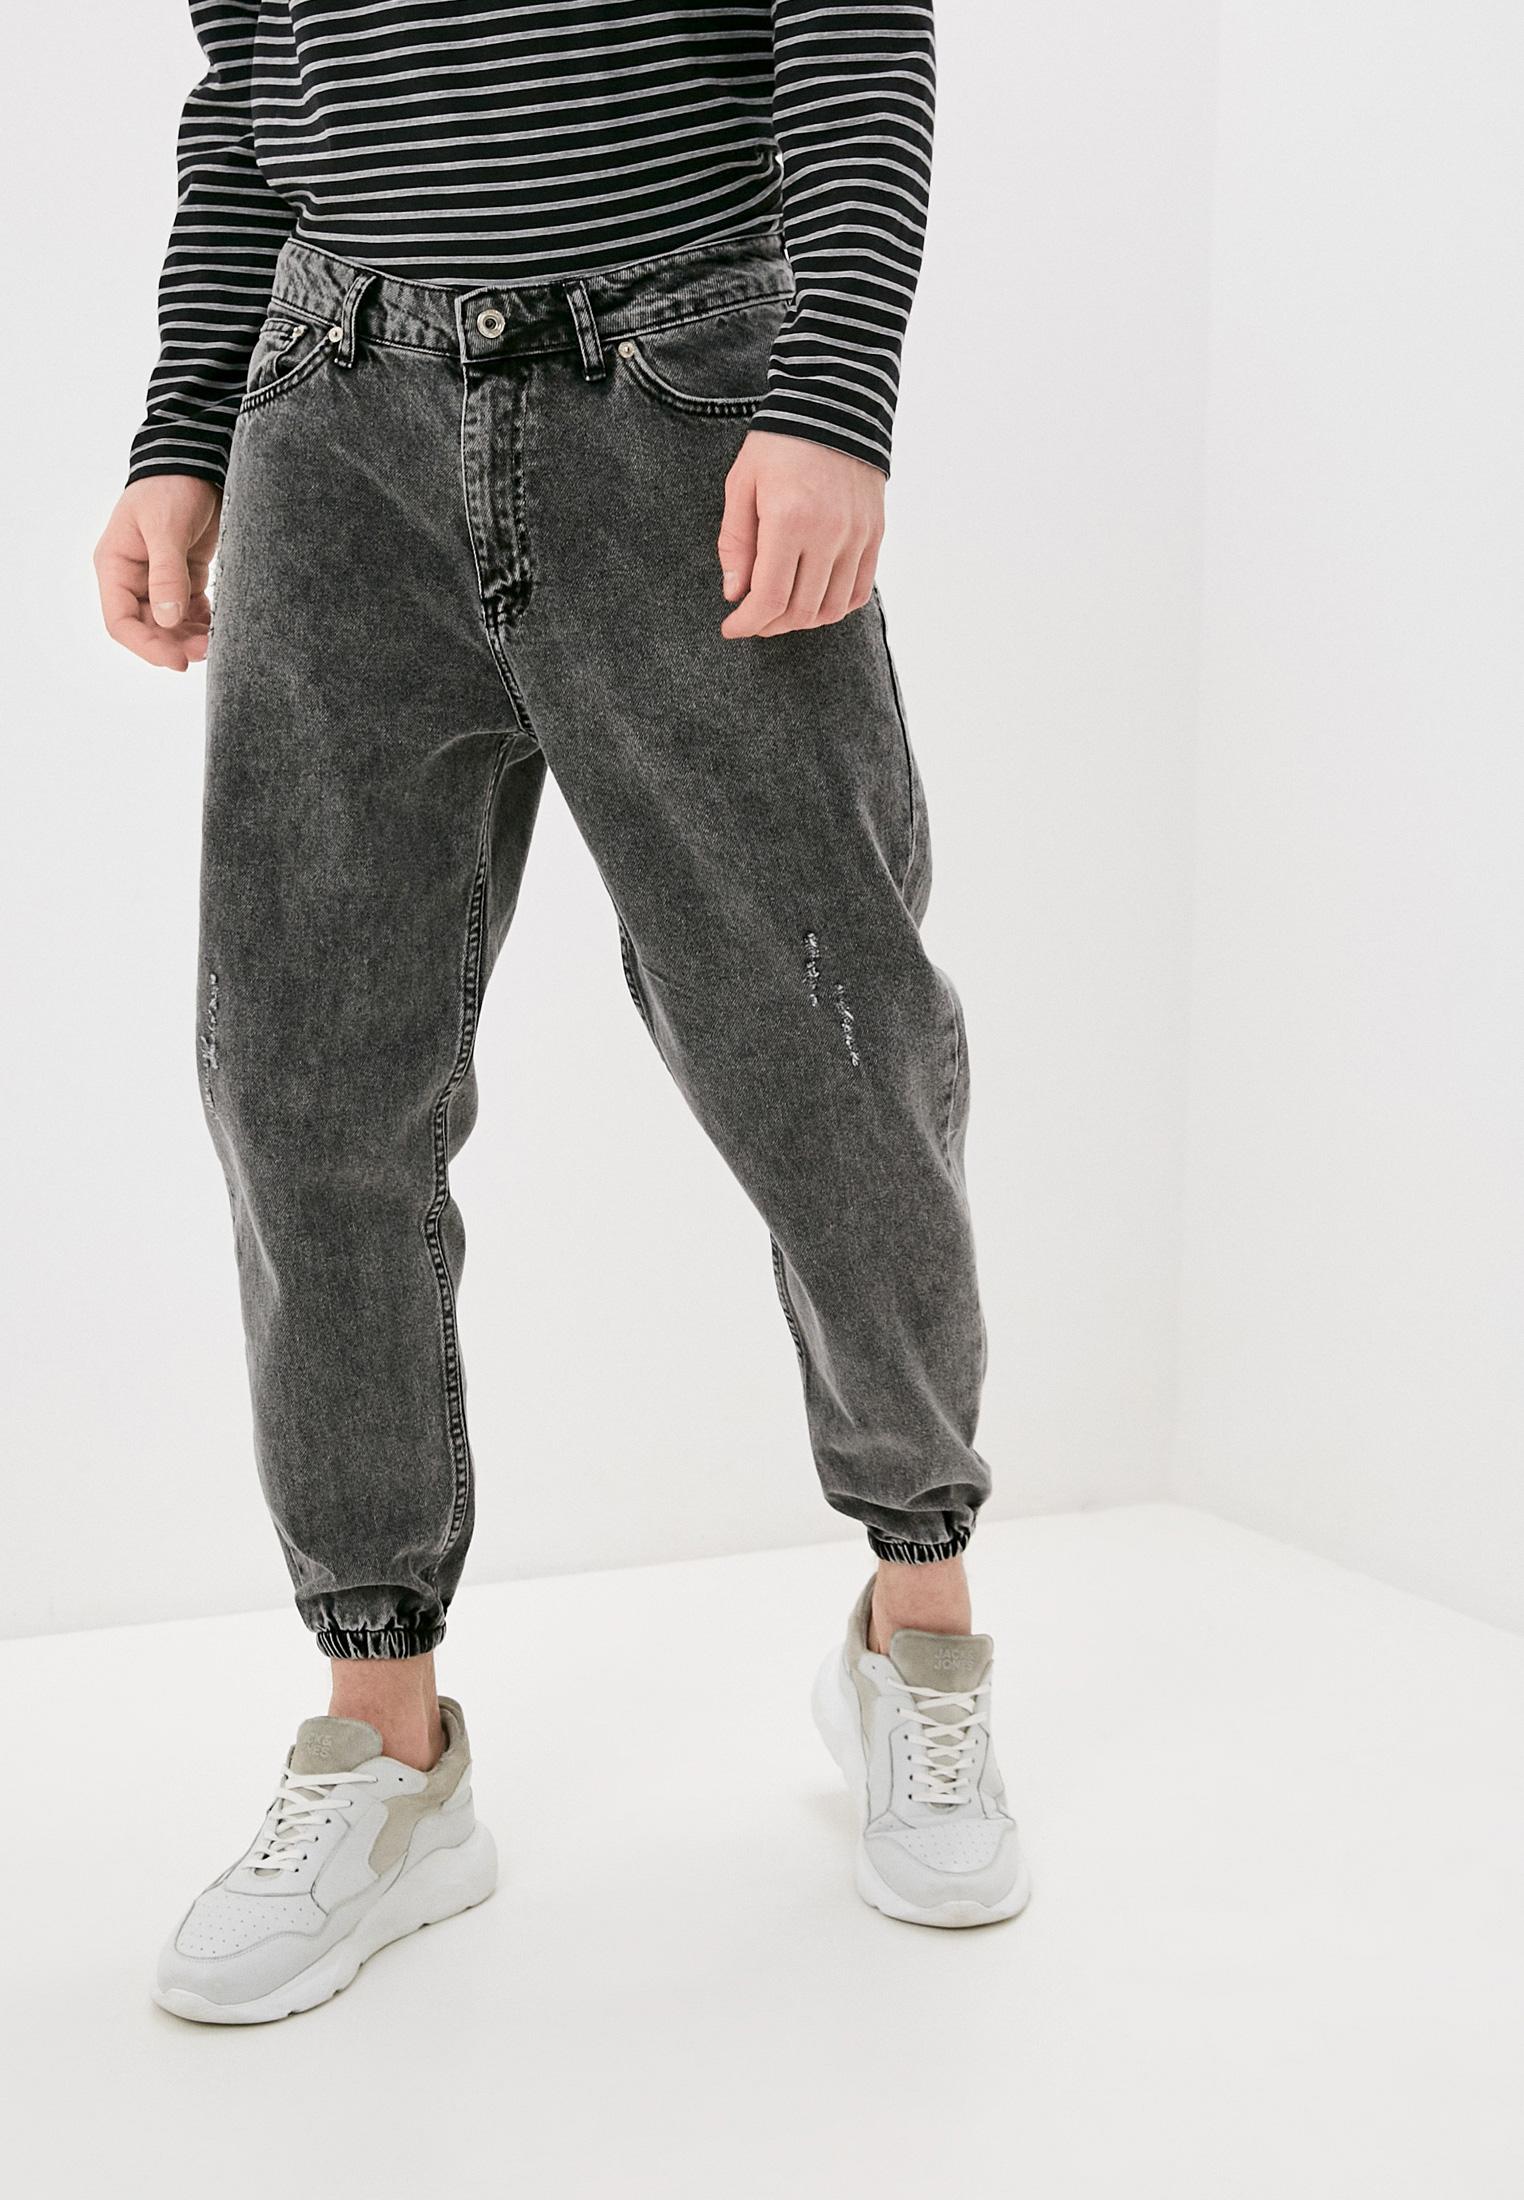 Мужские джинсы Dali 4002-5